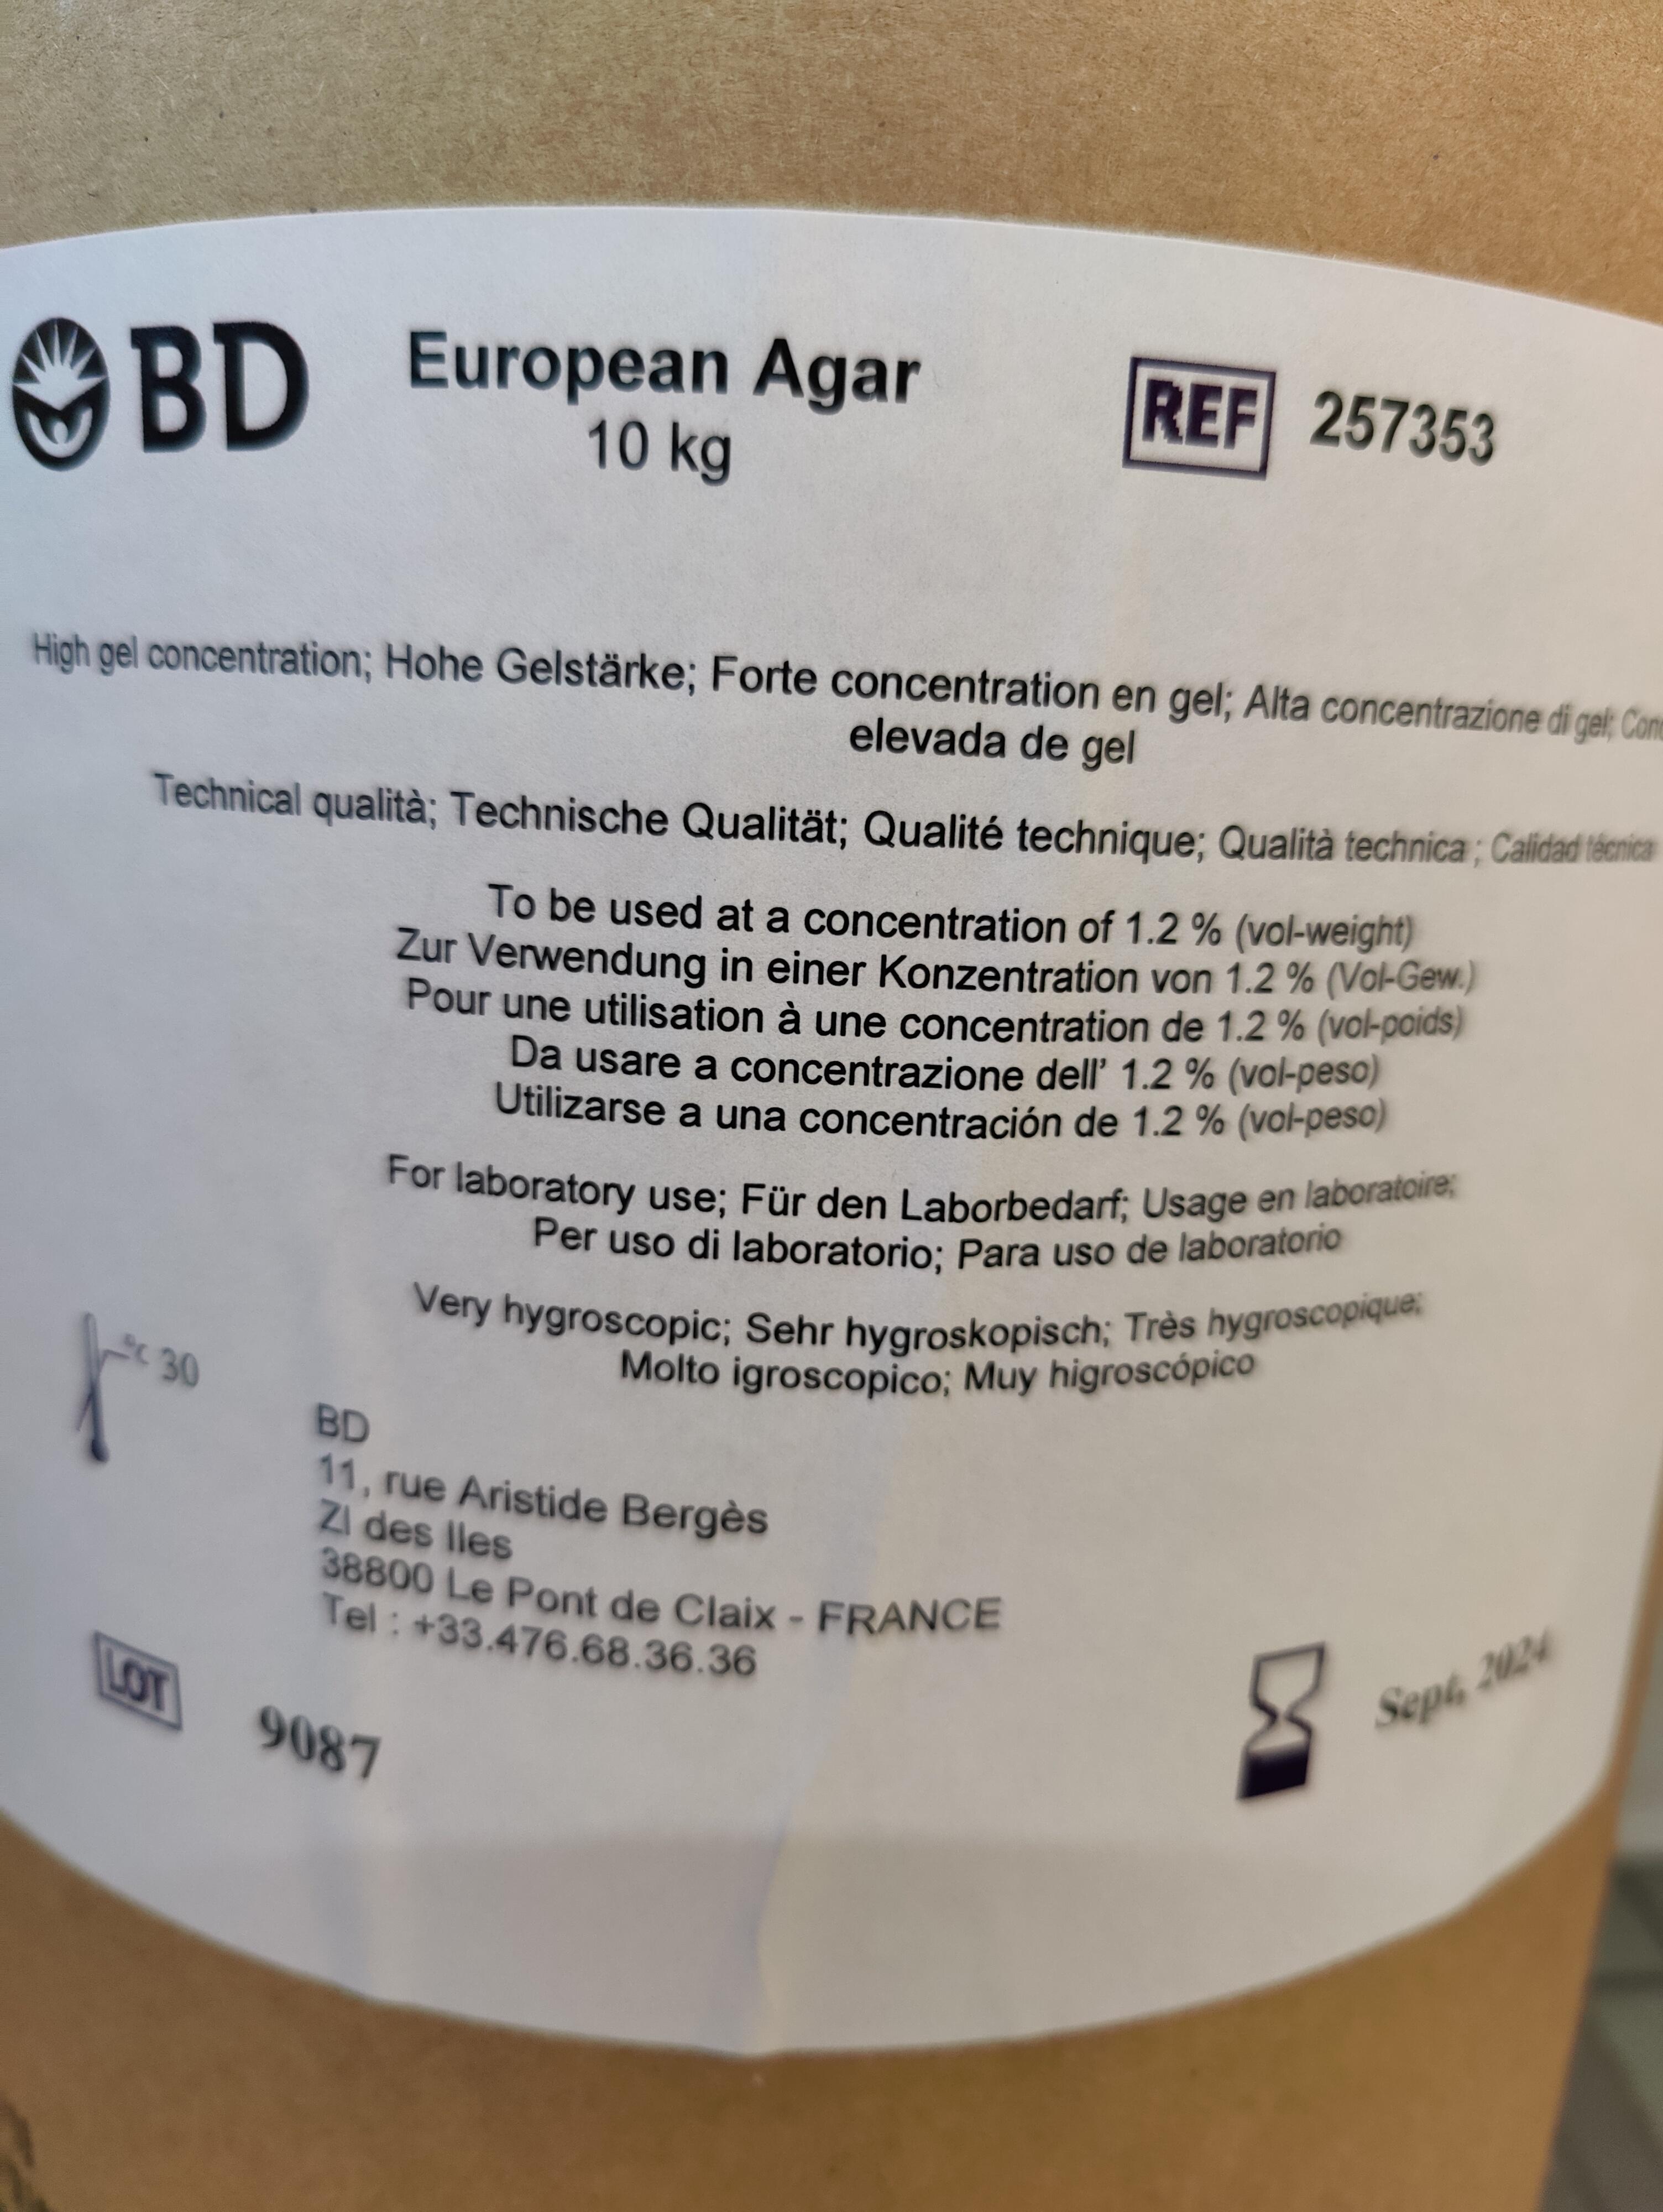 Europäischer Agar  (Herbstaktions-Sonderpreis, gültig bis zum 17.12.2021)